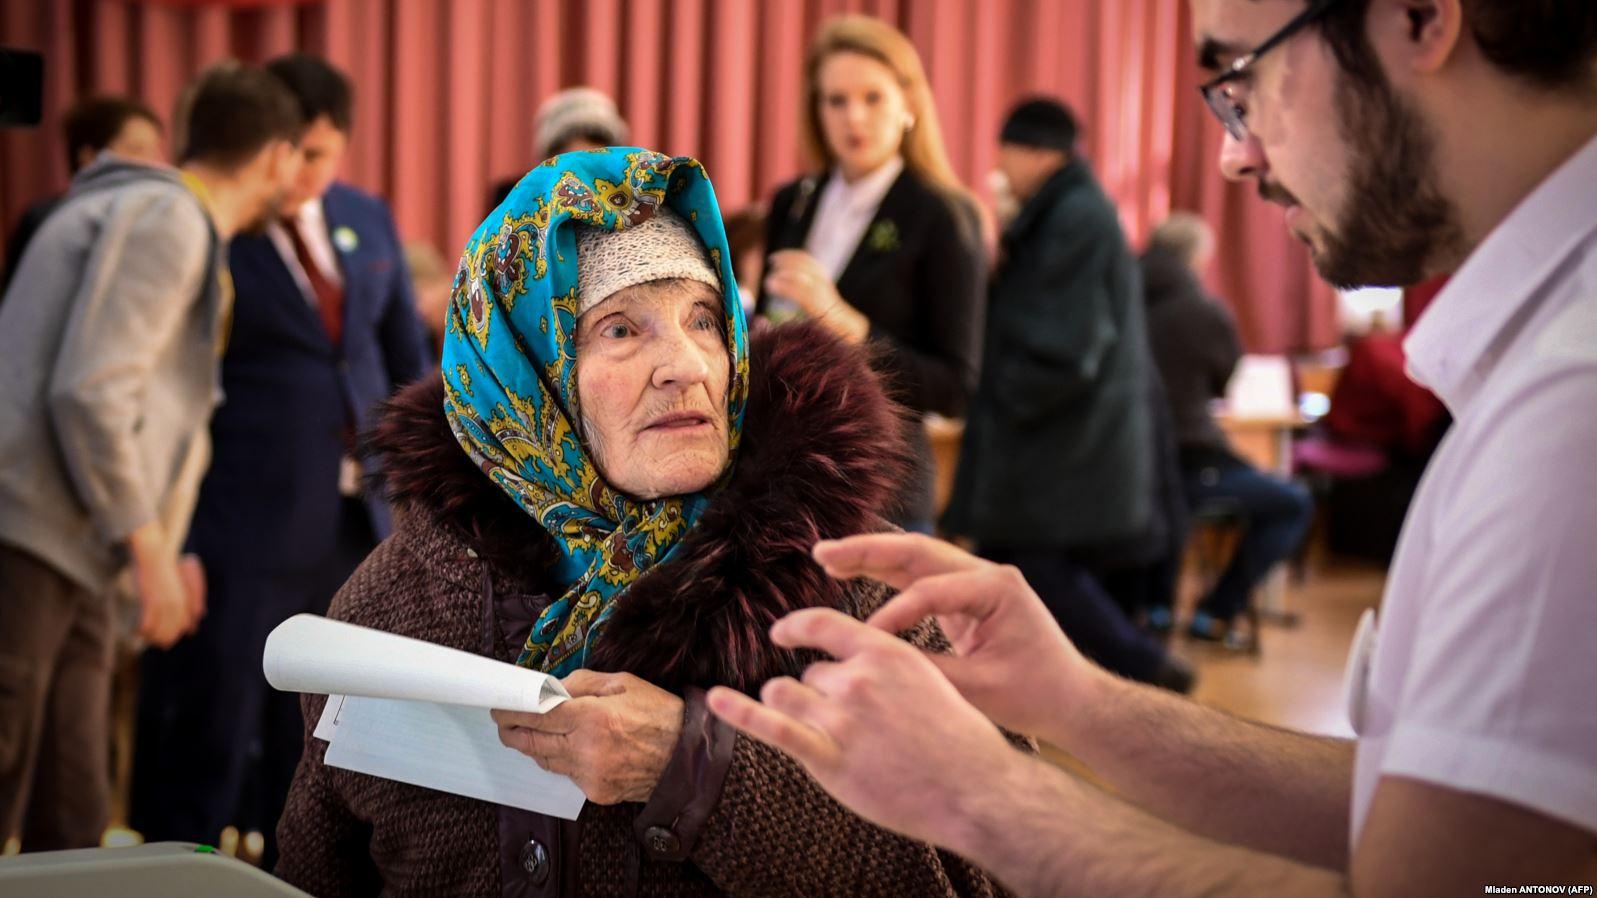 俄罗斯退休年龄.jpg